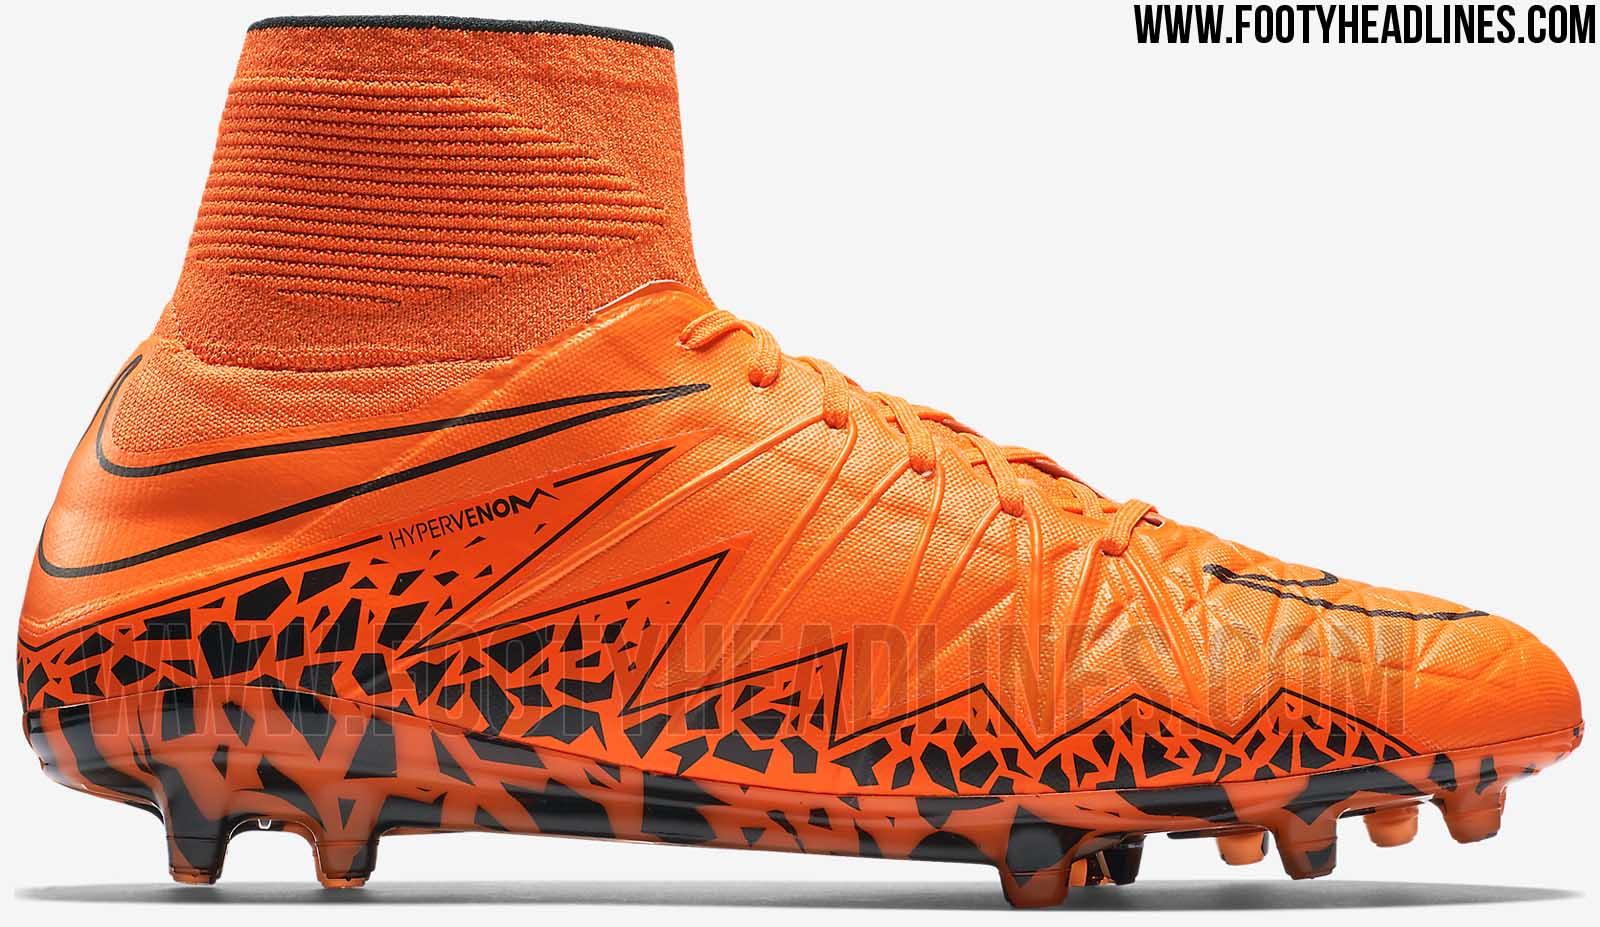 Oranger Nike Hypervenom 2 2015 Fußballschuh veröffentlicht ...